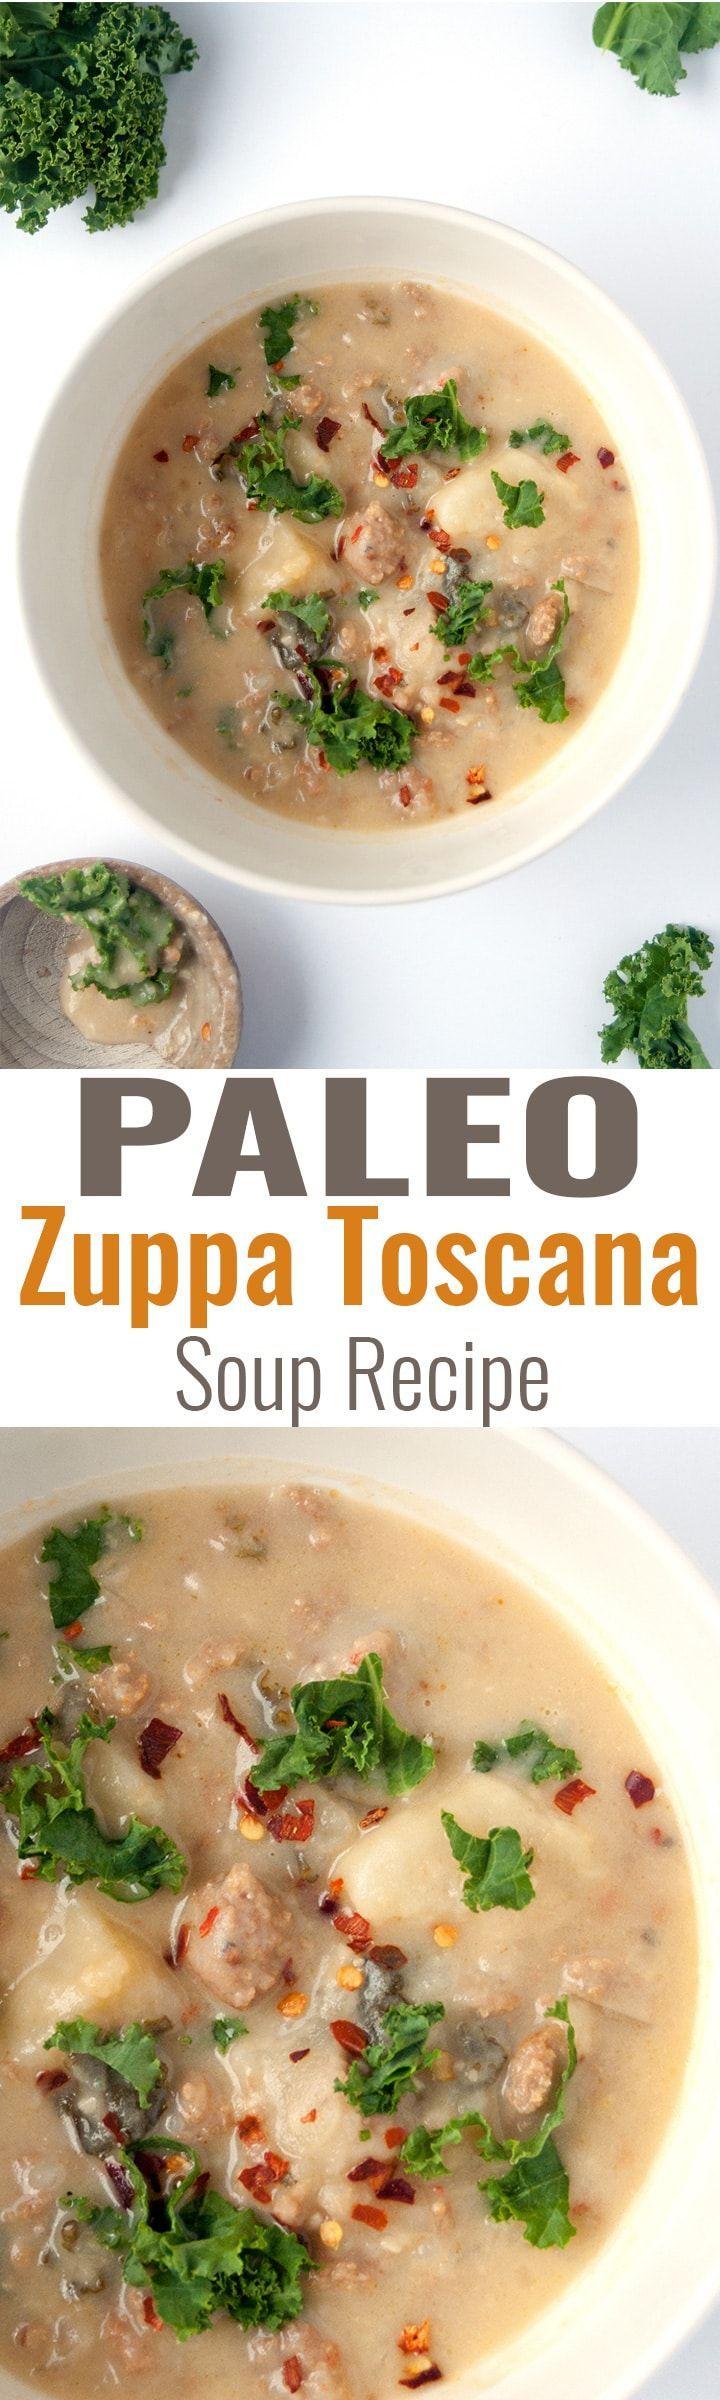 Paleo Zuppa Toscana Soup - eine leichte und einfache Paleo-Variante eines klassischen ... - #einfache #leichte #paleo #toscana #variante #zuppa - #Lorine'sZuppaToscanaSuppe #zuppatoscanasoup